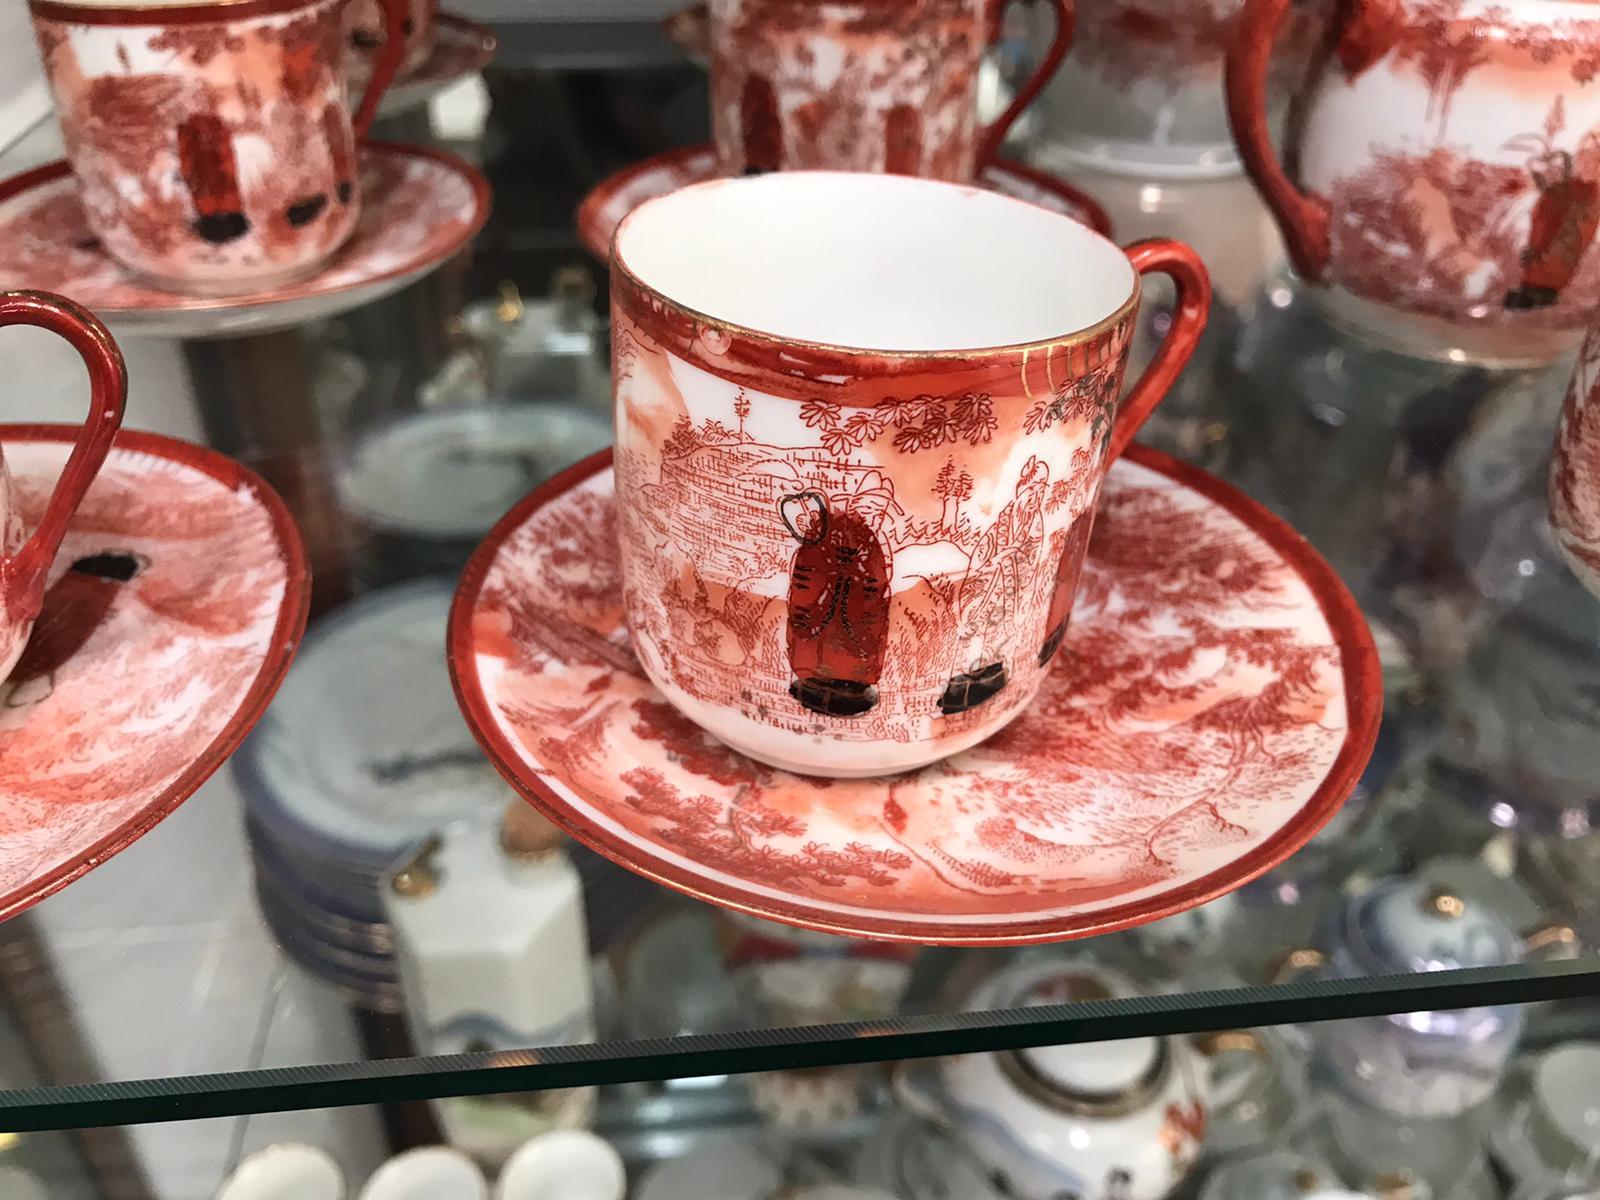 DOITOOL Porcellana Uovo Tazze Piatti Vassoi di Ceramica Uovo Sodo Che Serve Coppe Holder Set Uovo Contenitore Keeper Piatti